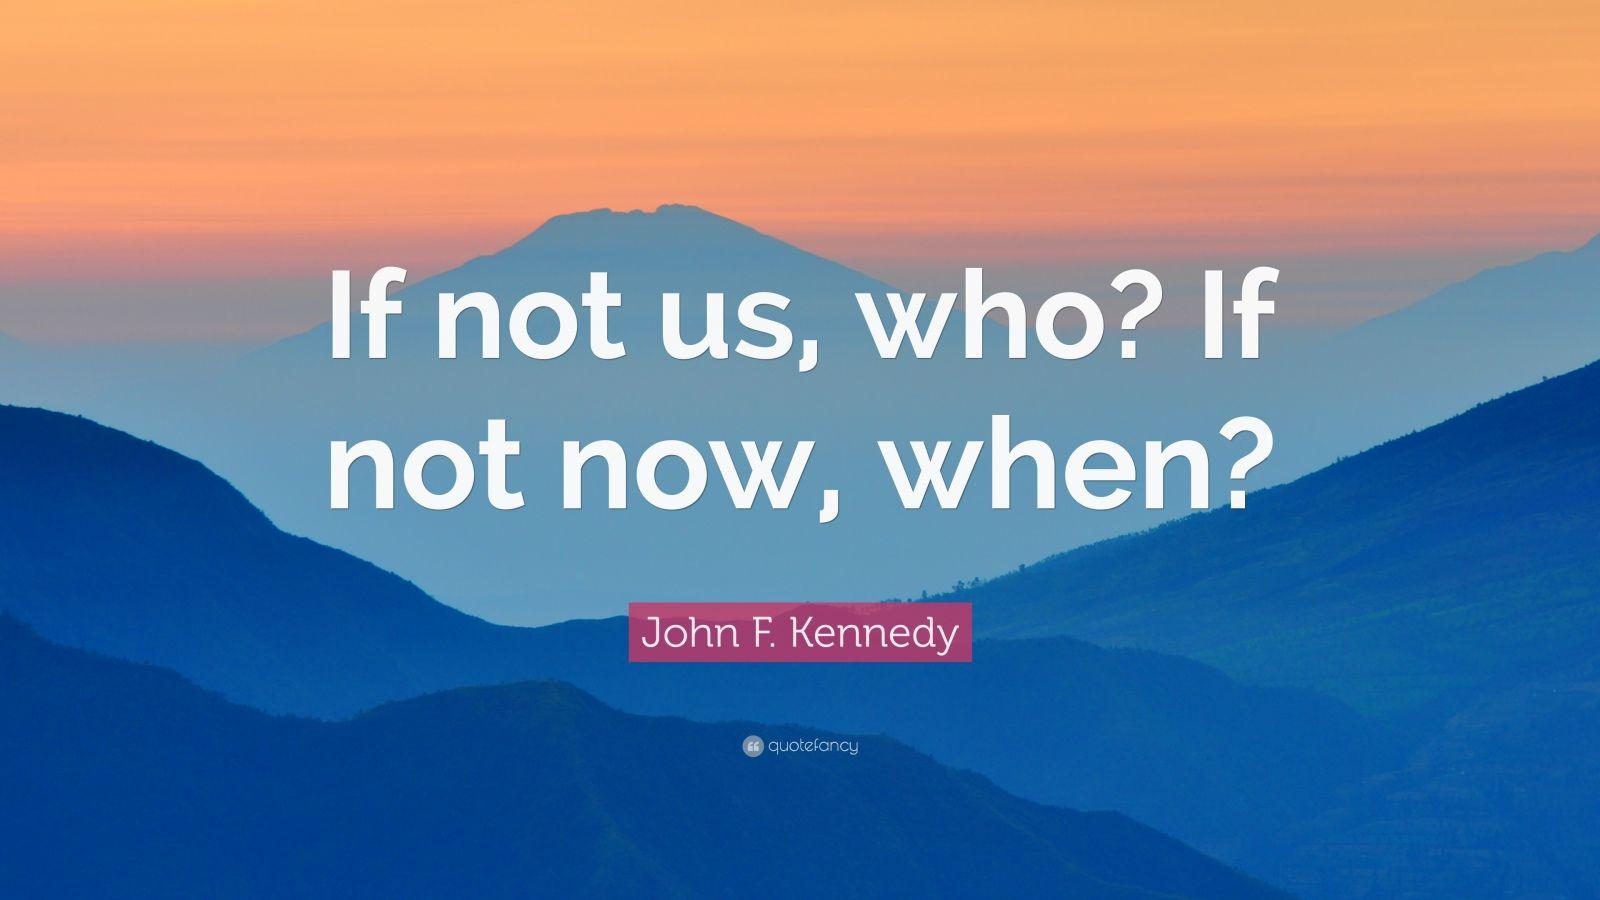 John F Kennedy Quotes | John F Kennedy Quotes 100 Wallpapers Quotefancy